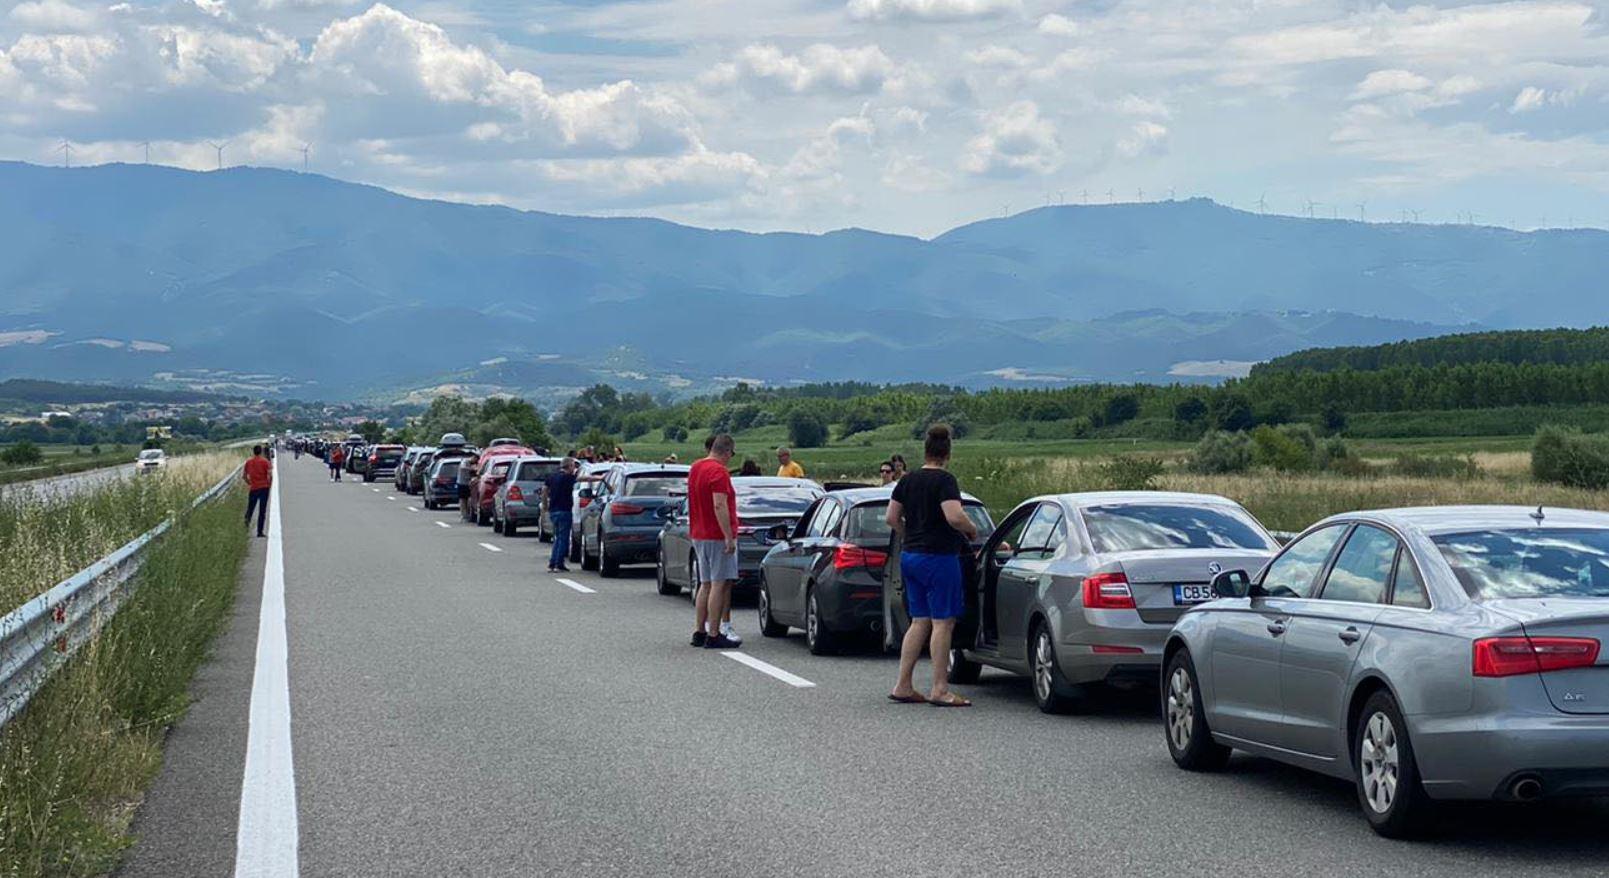 Mergeți cu mașina în Grecia ? Veți fi testați obligatoriu anti-Covid de la 1 iulie, chiar dacă sunteți vaccinați.